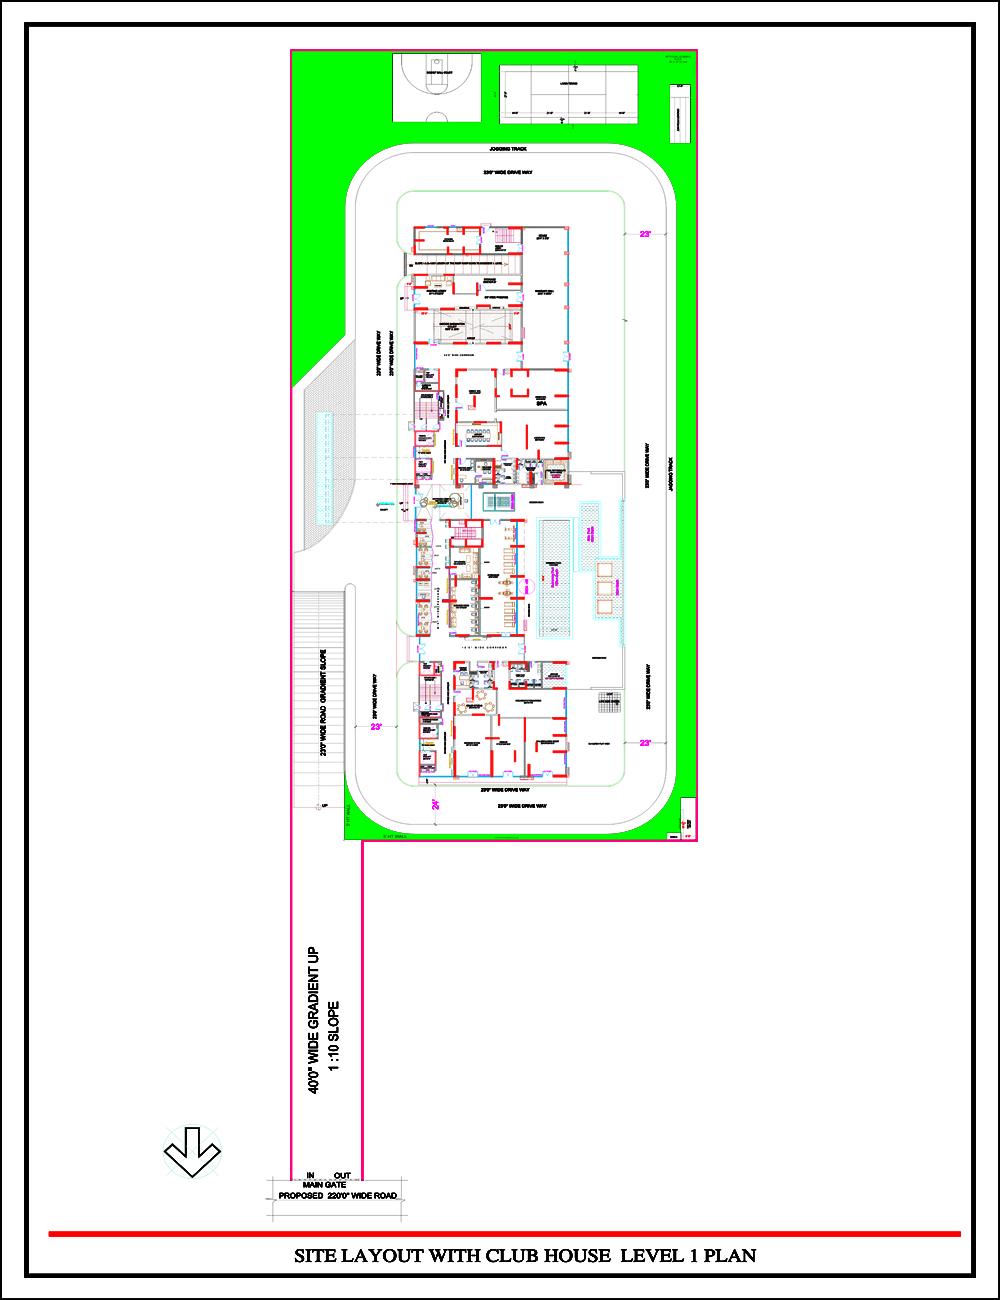 1506583746-layout-LAYPUT.png